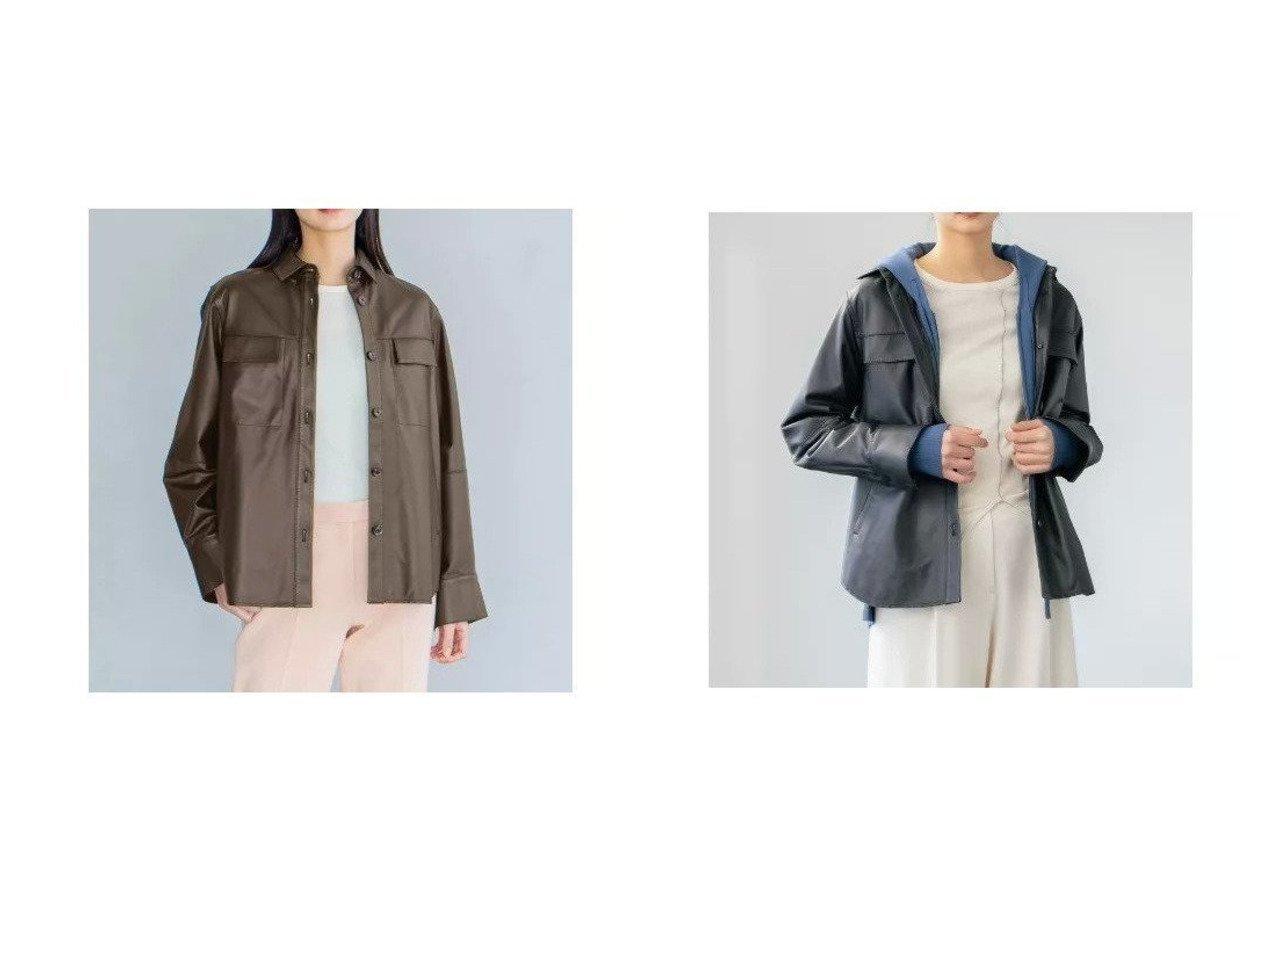 【JOSEPH/ジョゼフ】の【JOSEPH STUDIO】レザーシャツジャケット アウターのおすすめ!人気、トレンド・レディースファッションの通販 おすすめで人気の流行・トレンド、ファッションの通販商品 メンズファッション・キッズファッション・インテリア・家具・レディースファッション・服の通販 founy(ファニー) https://founy.com/ ファッション Fashion レディースファッション WOMEN アウター Coat Outerwear ジャケット Jackets インナー 春 Spring クール 今季 軽量 ジャケット ドレス 人気 フラップ ベーシック ボトム ポケット おすすめ Recommend |ID:crp329100000022656